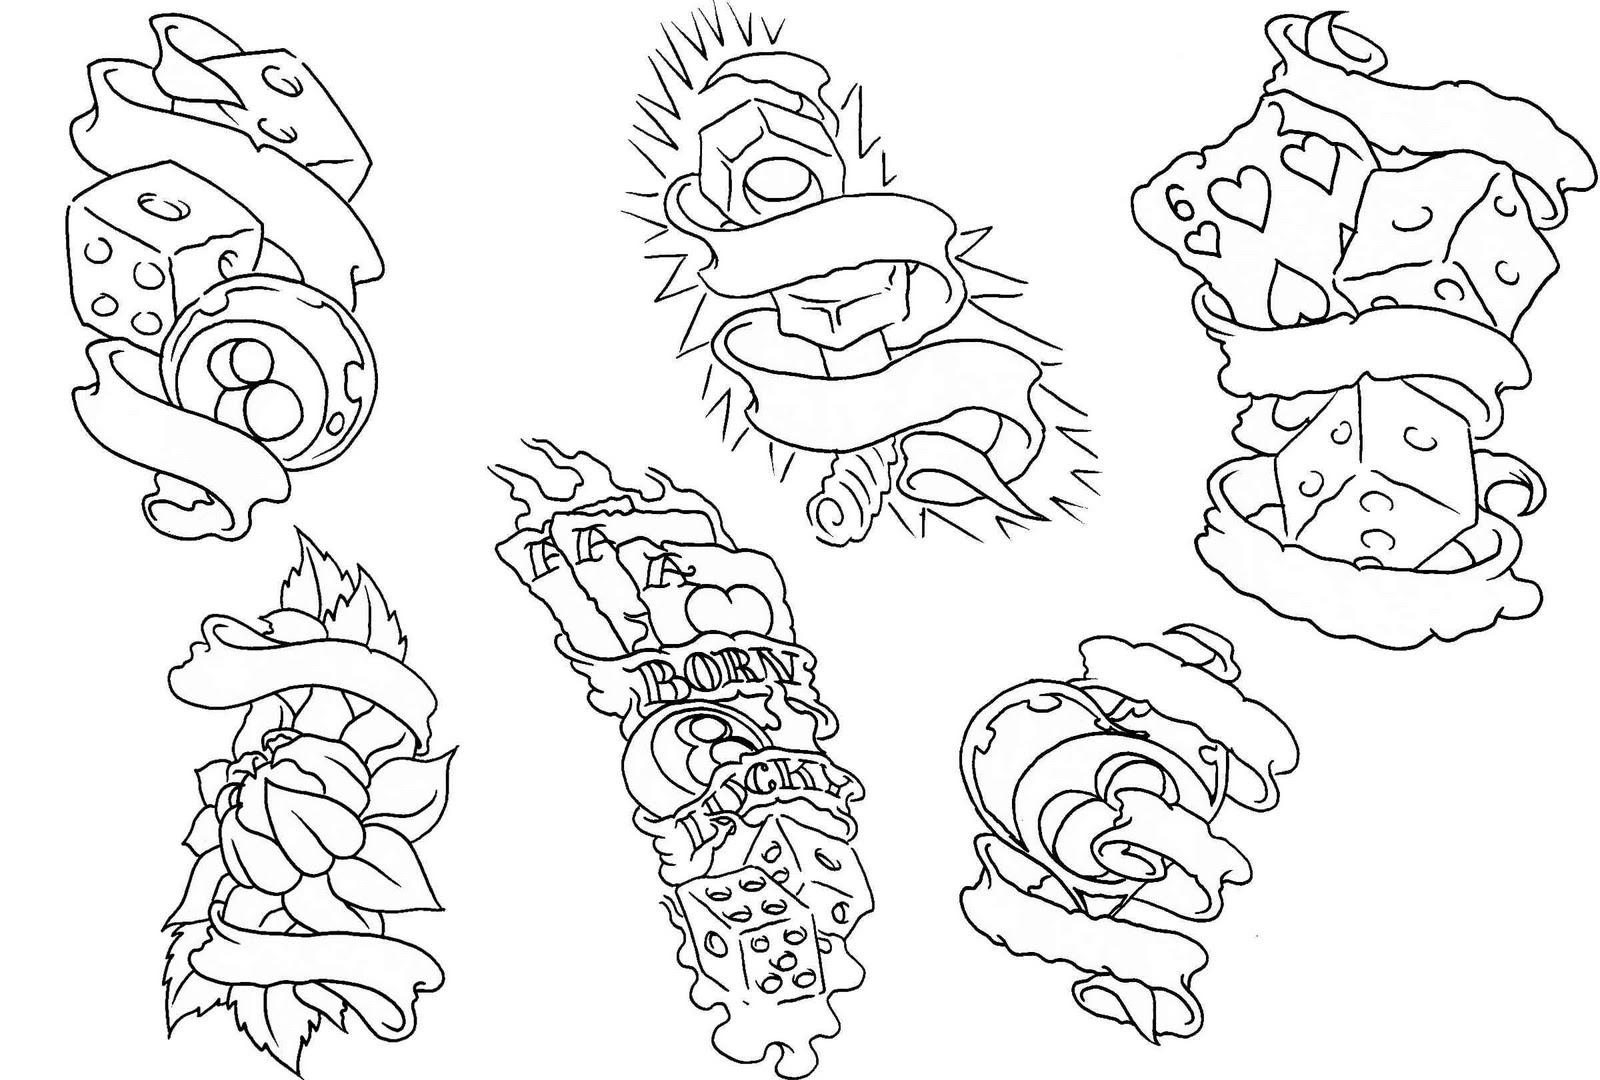 Free Printable Tattoo Stencils Designs #b9B5F27B0C50 - Swiftlet - Free Printable Tattoo Flash